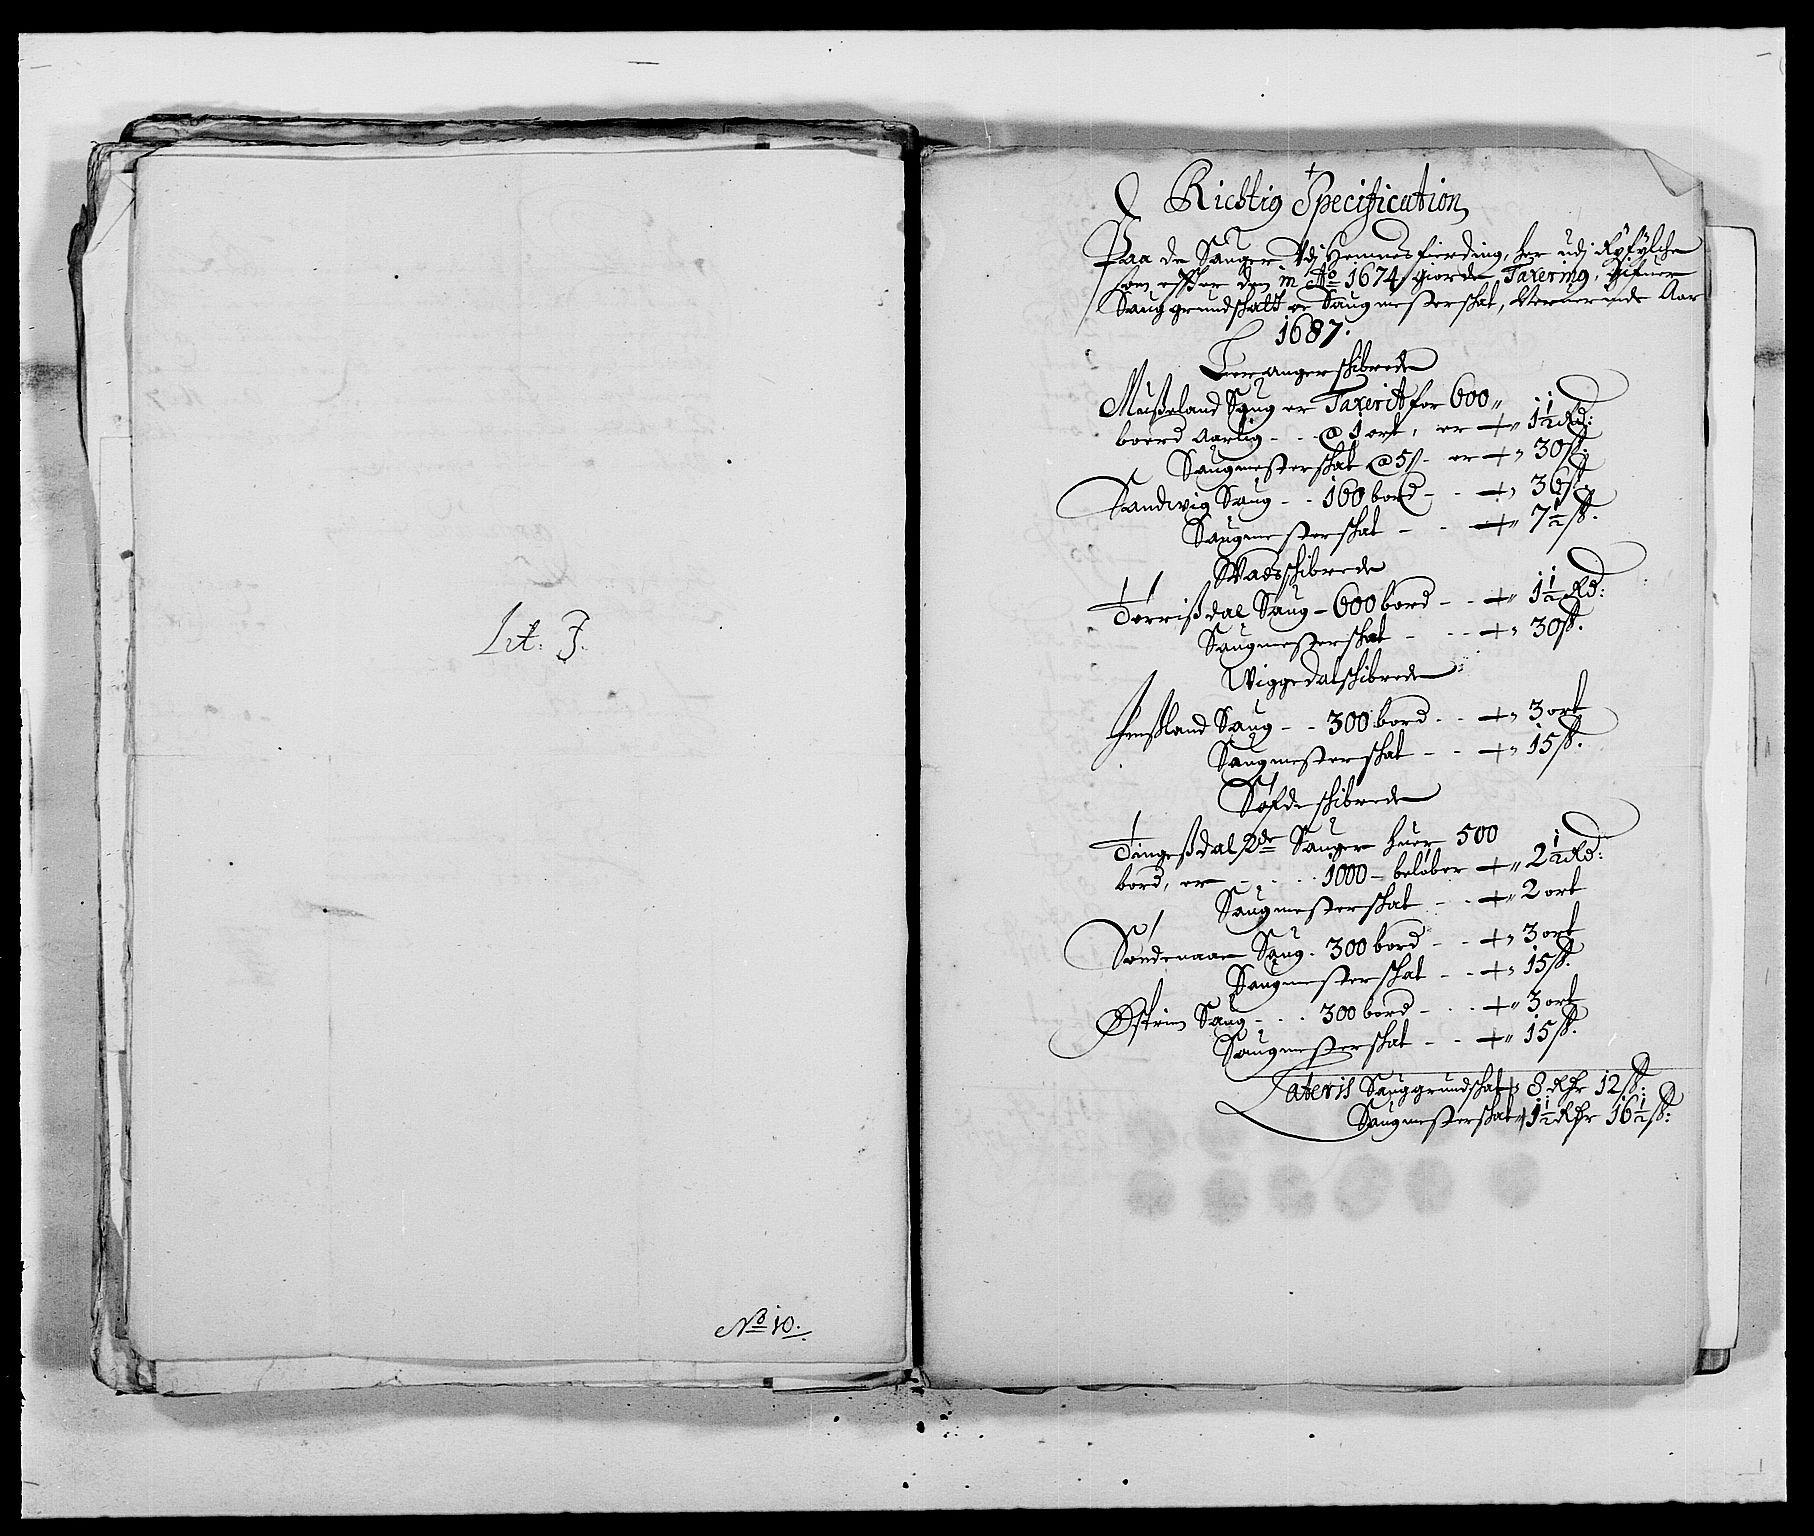 RA, Rentekammeret inntil 1814, Reviderte regnskaper, Fogderegnskap, R47/L2855: Fogderegnskap Ryfylke, 1685-1688, s. 309